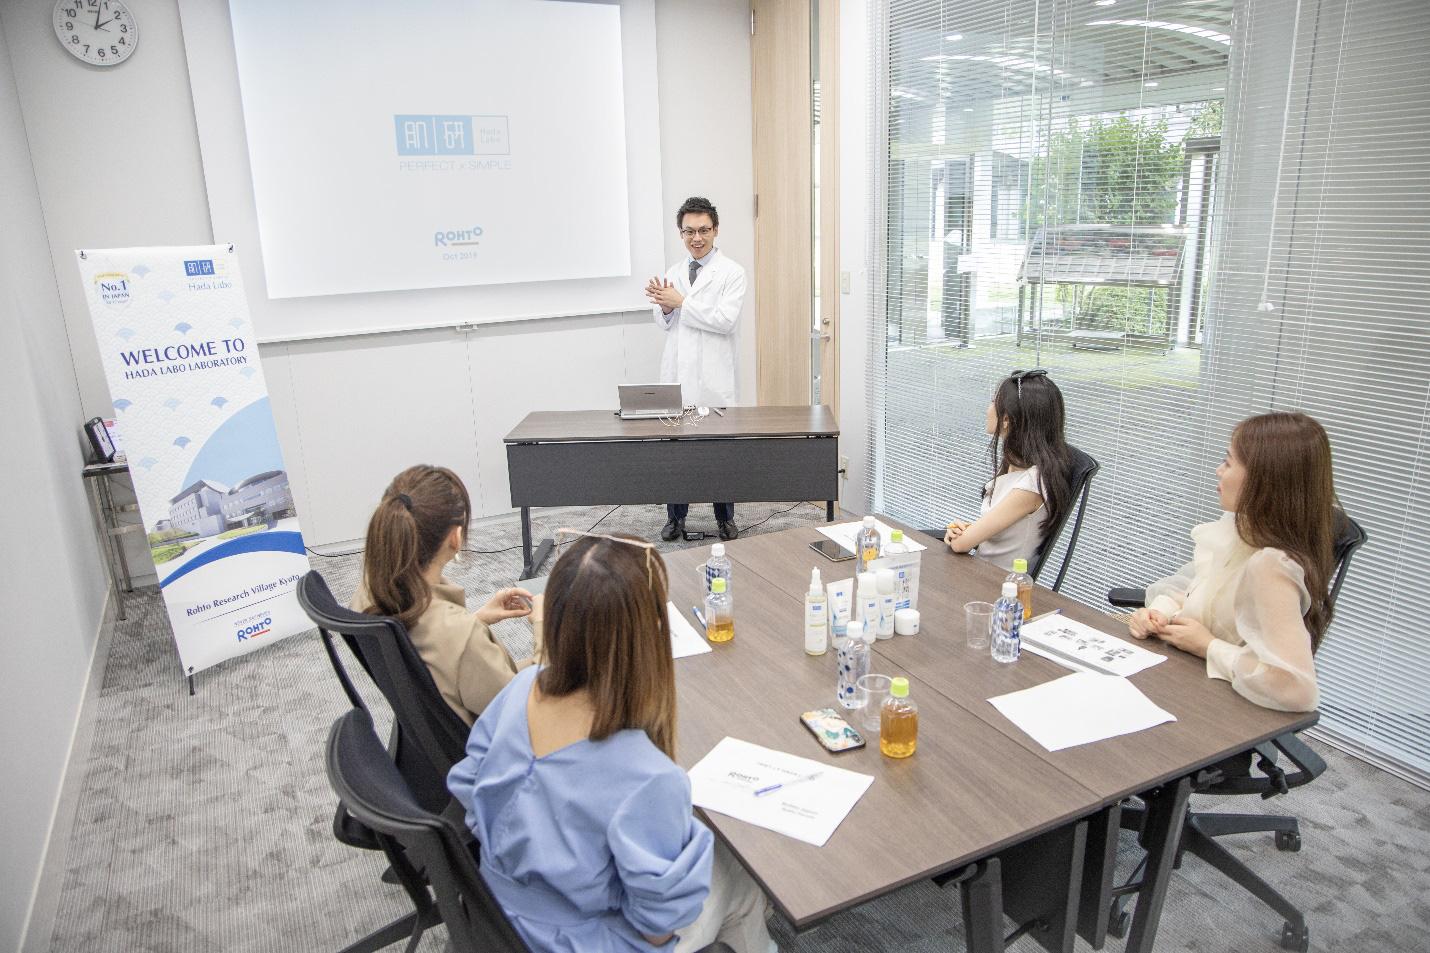 Nhân vật đặc biệt cùng dàn Beauty Vlogger nổi tiếng ghé thăm phòng nghiên cứu Rohto tại Nhật Bản là ai? - Ảnh 2.